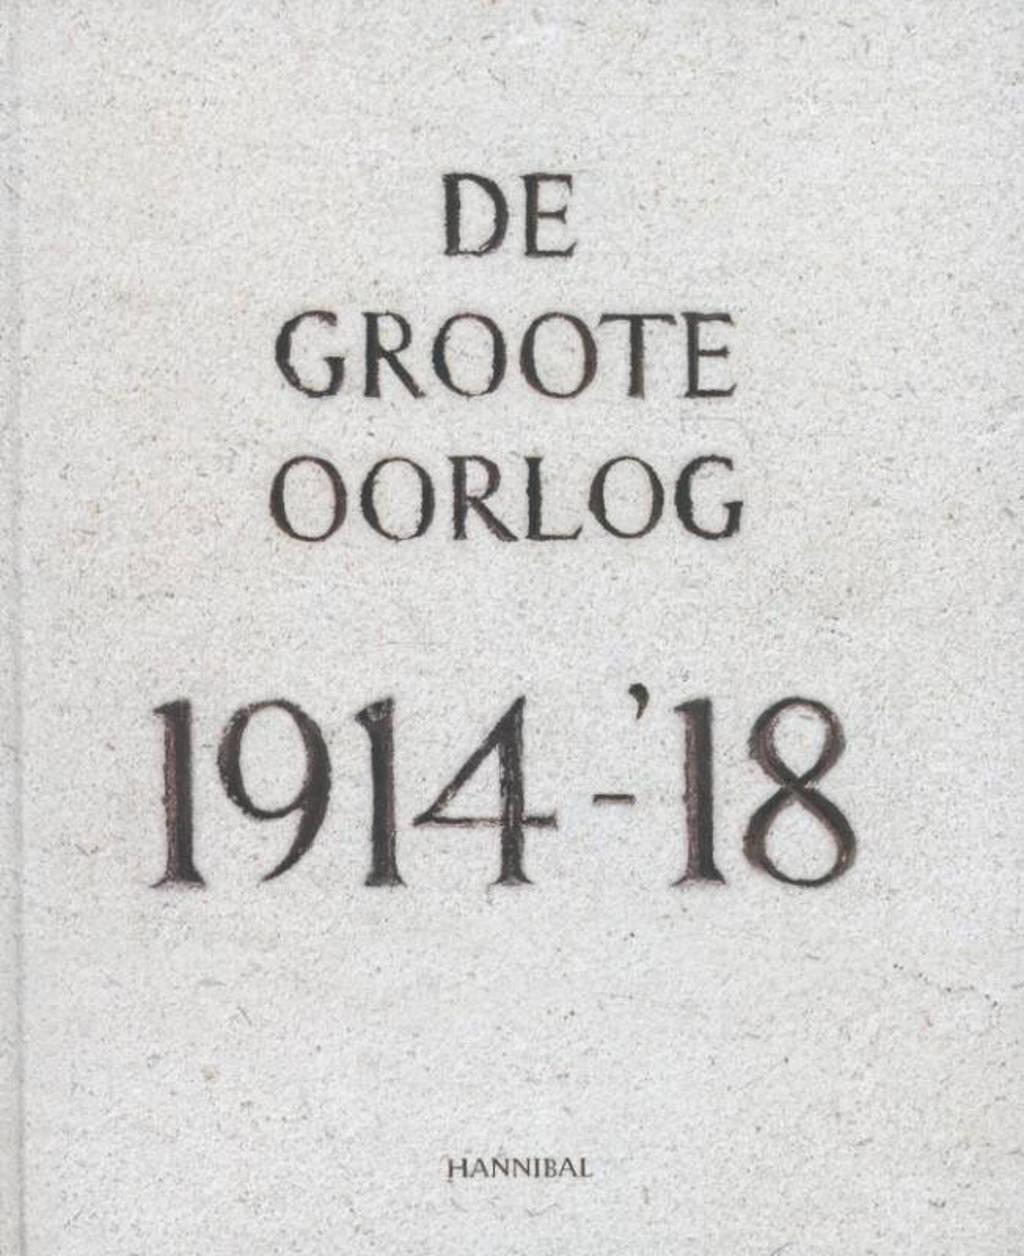 De groote oorlog 1914-'18 - Piet Chielens